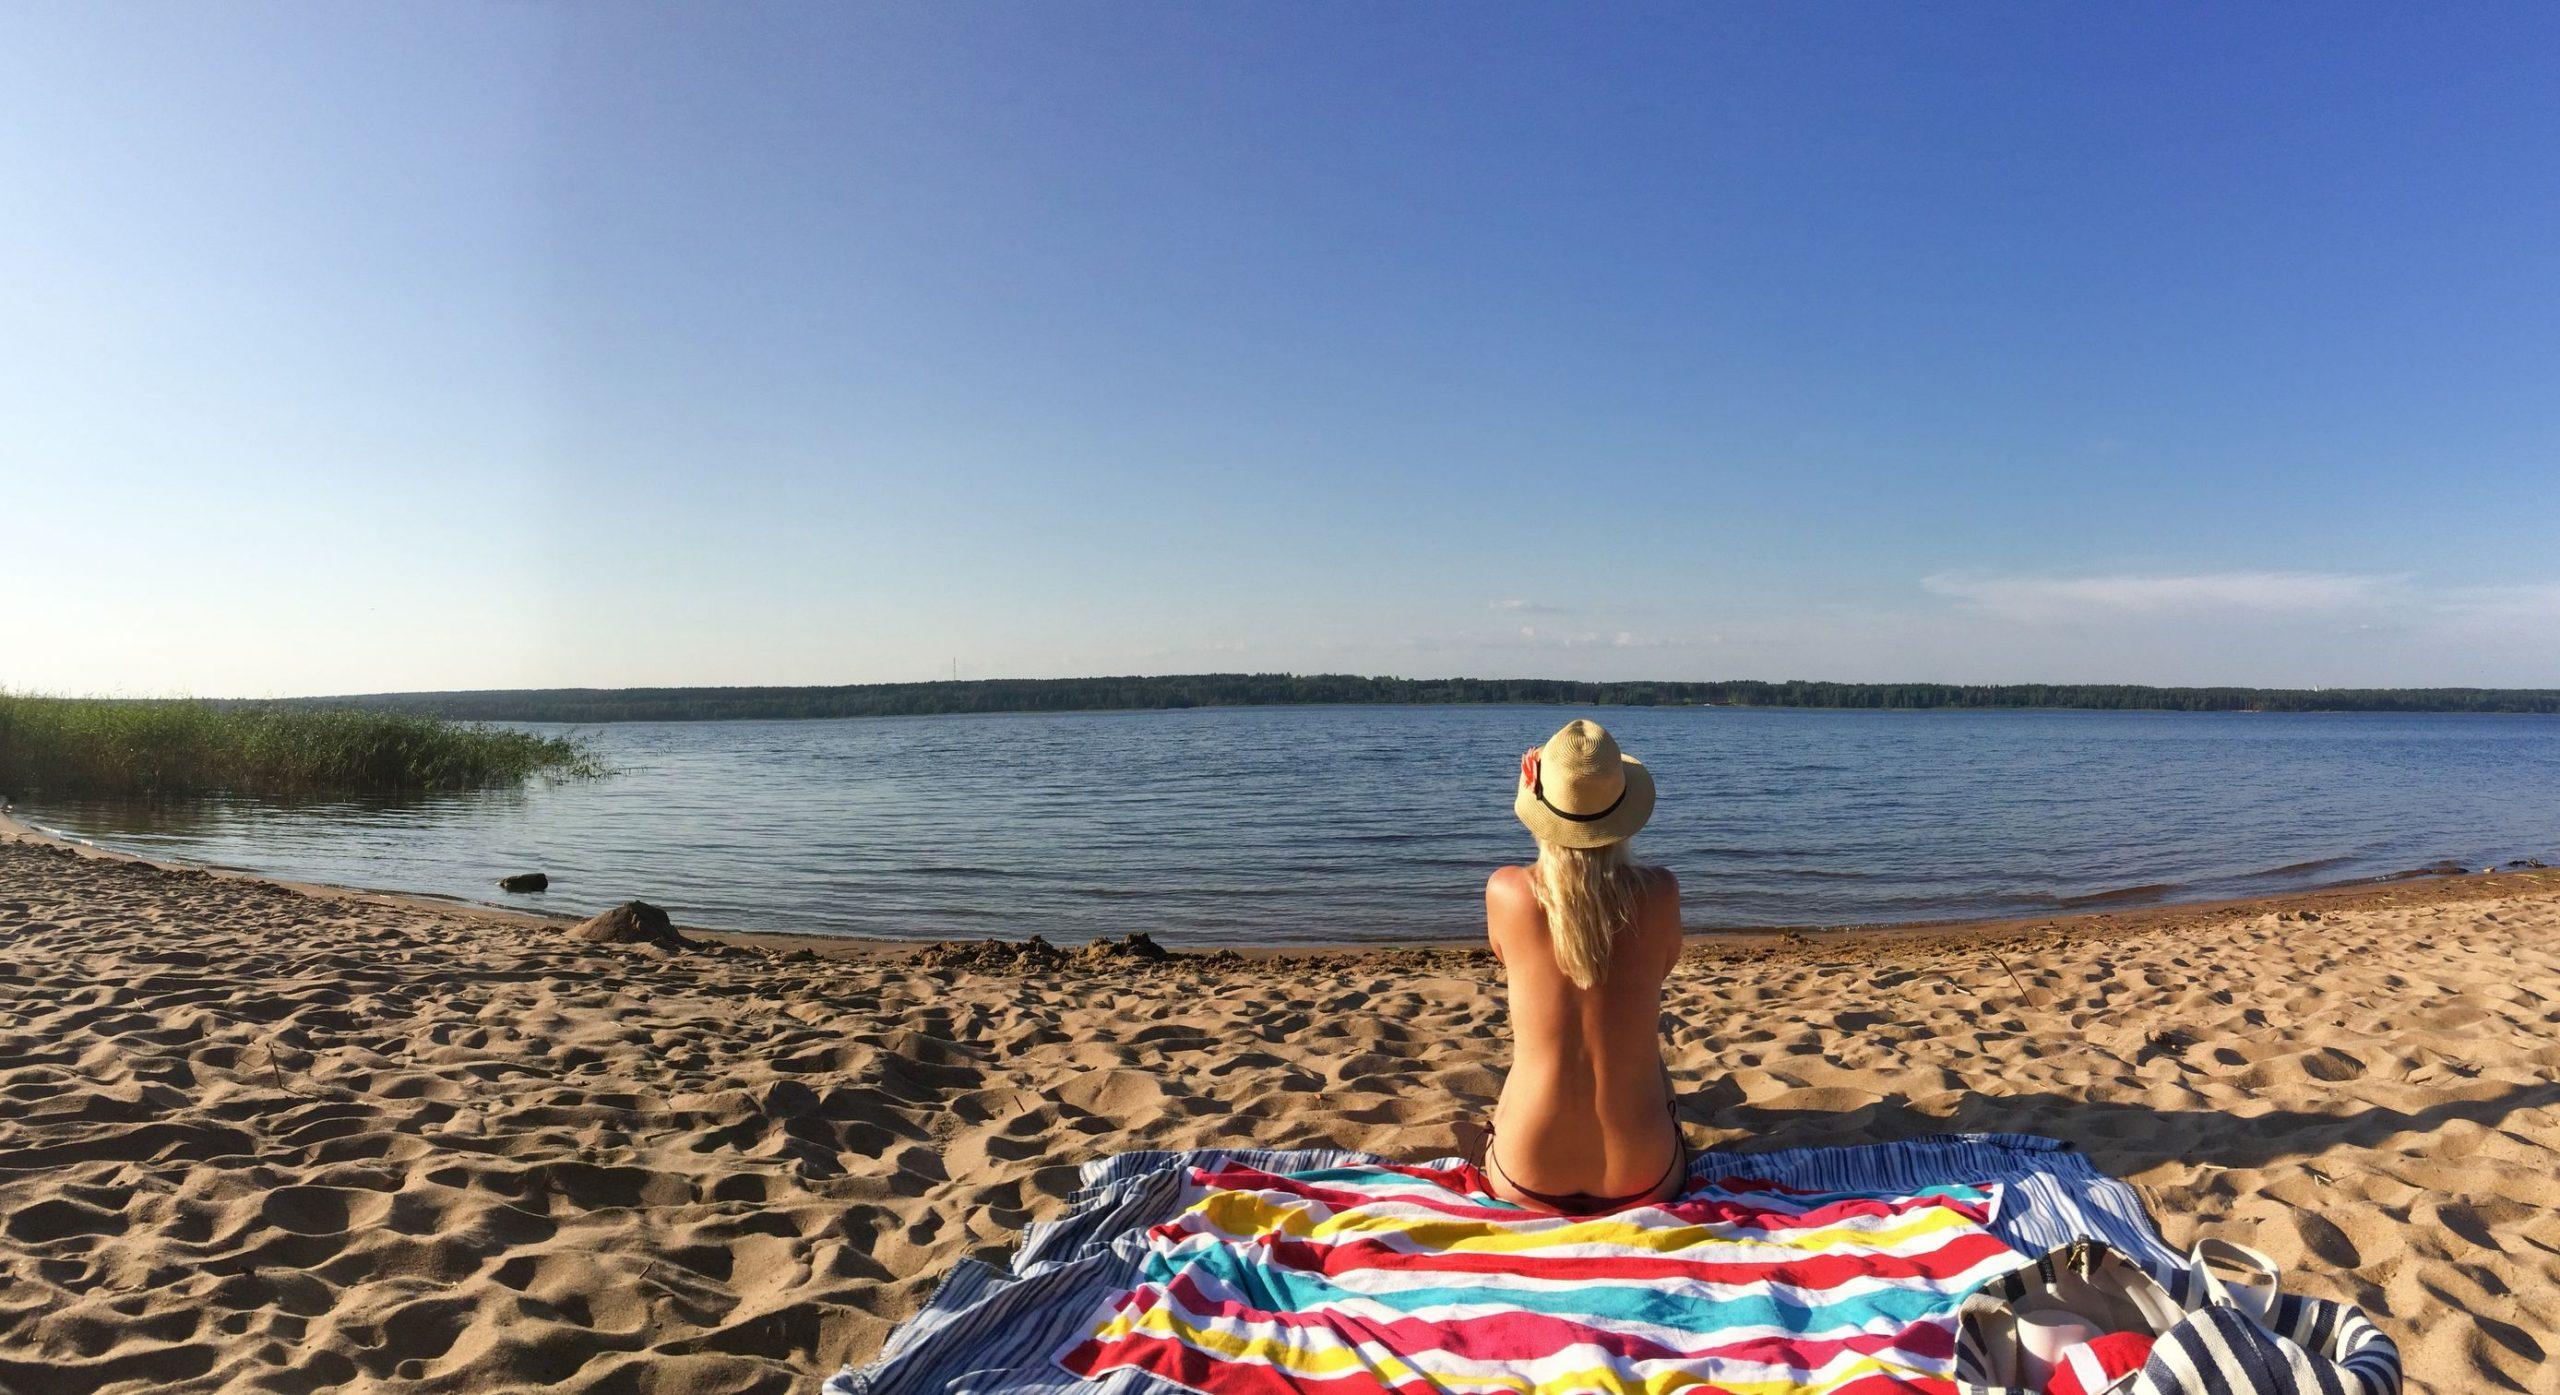 Kém kamerával a nudista strandon: így bukott le a balatoni kukkoló